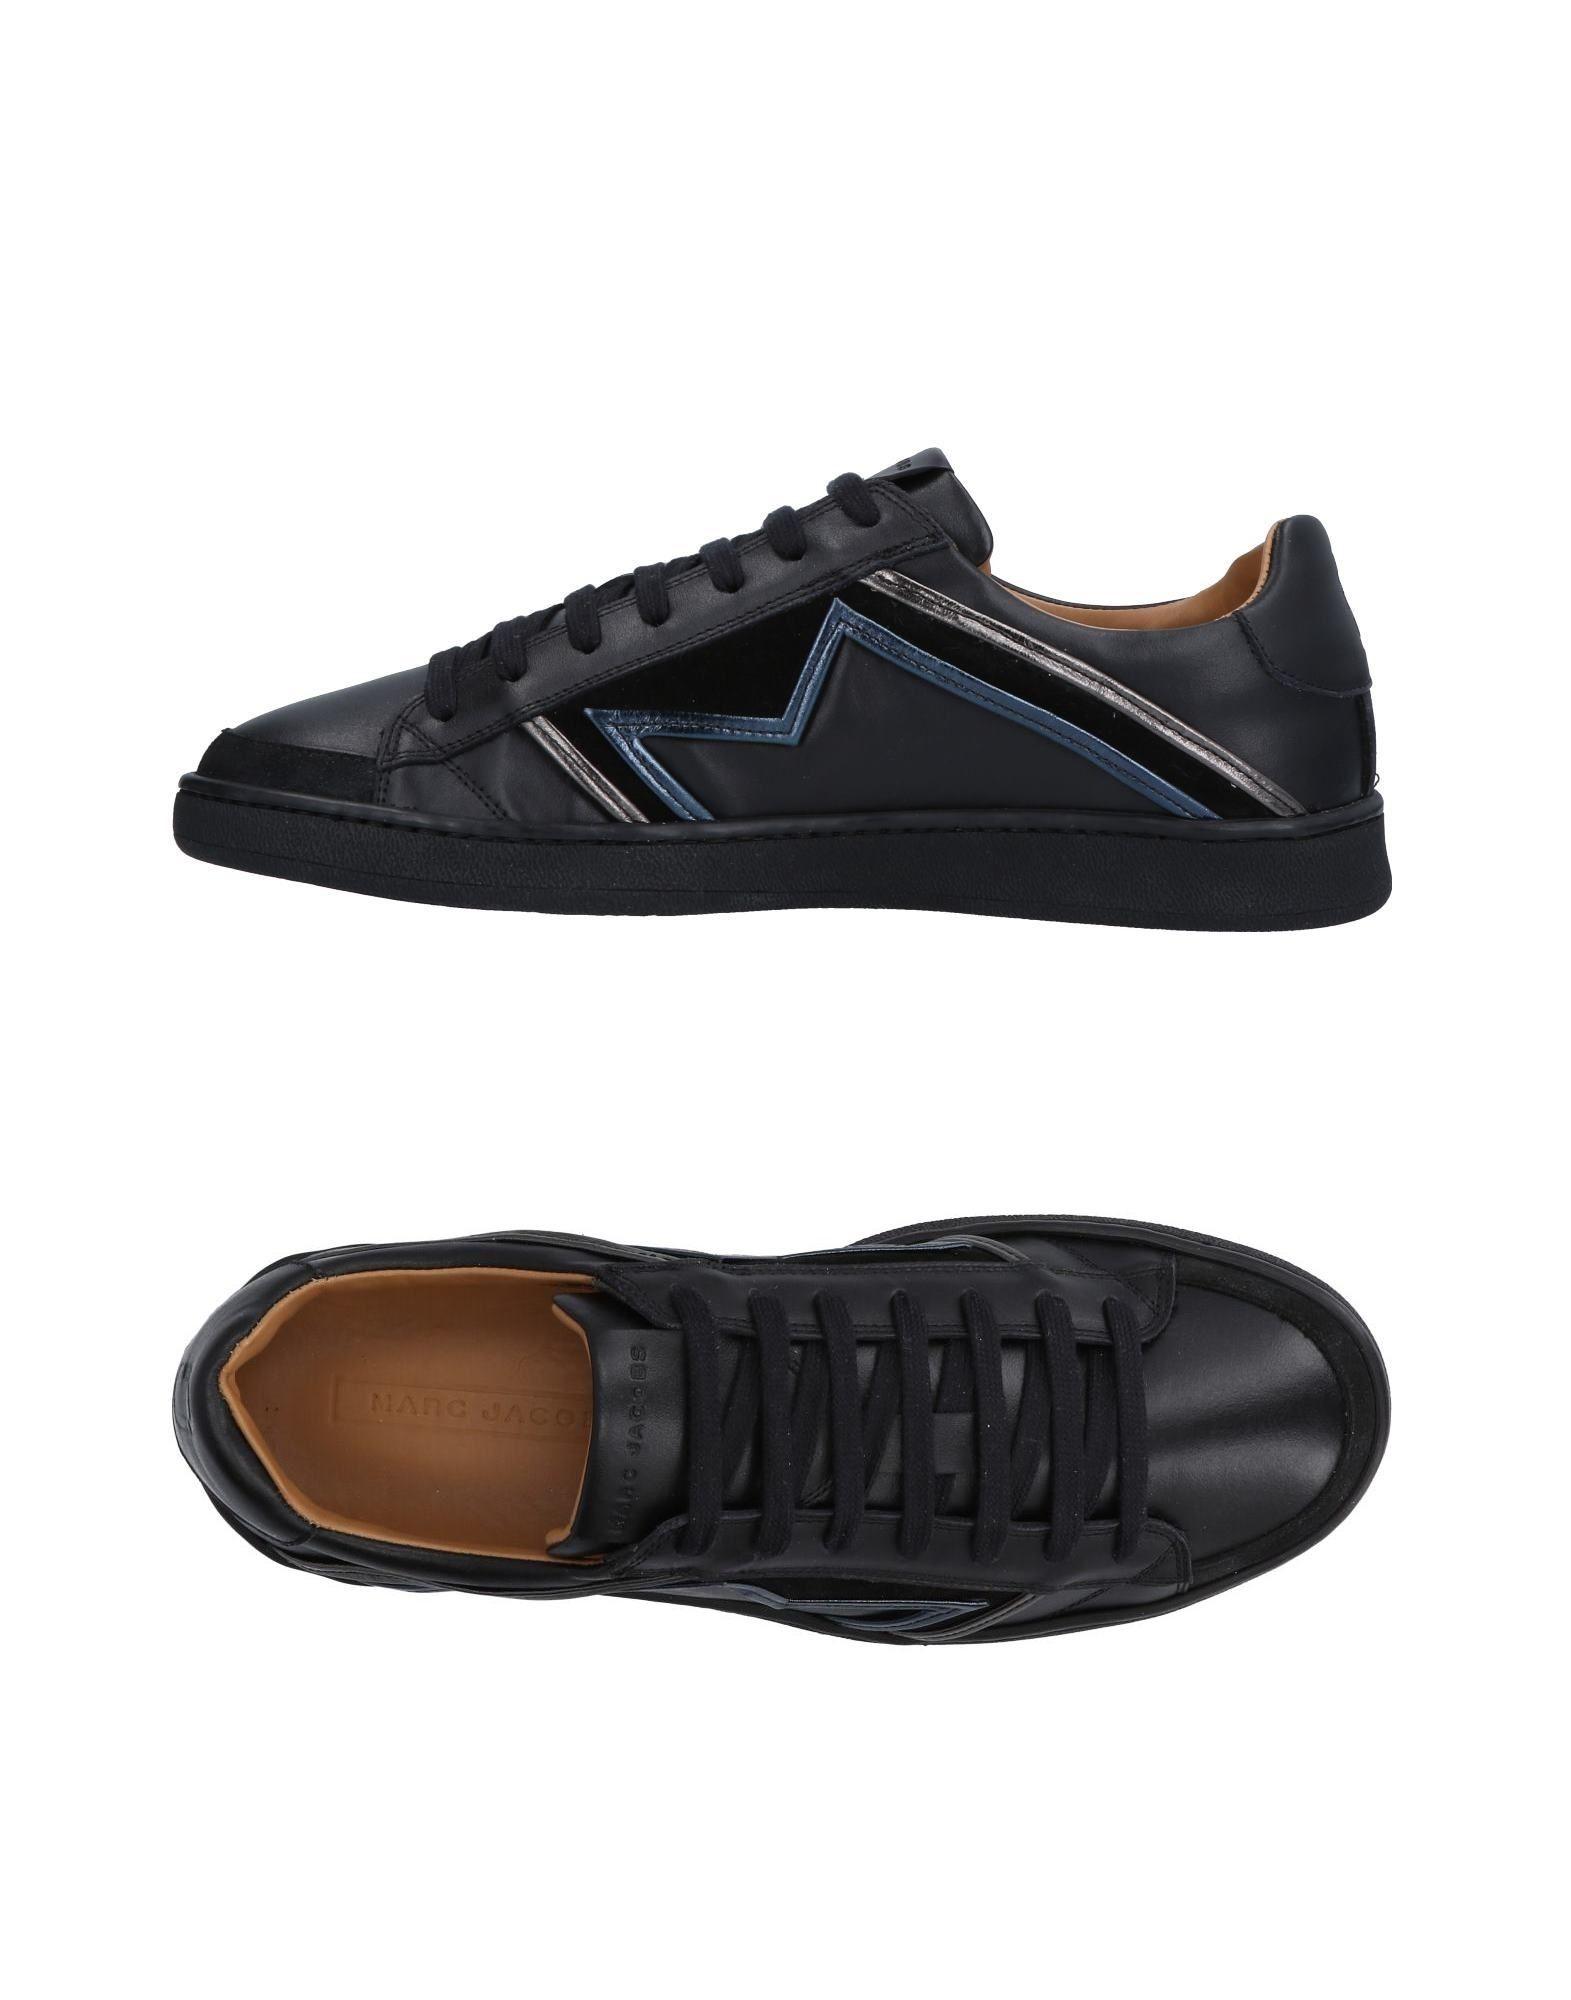 Marc Jacobs Sneakers Herren  11492851BU Gute Qualität beliebte Schuhe